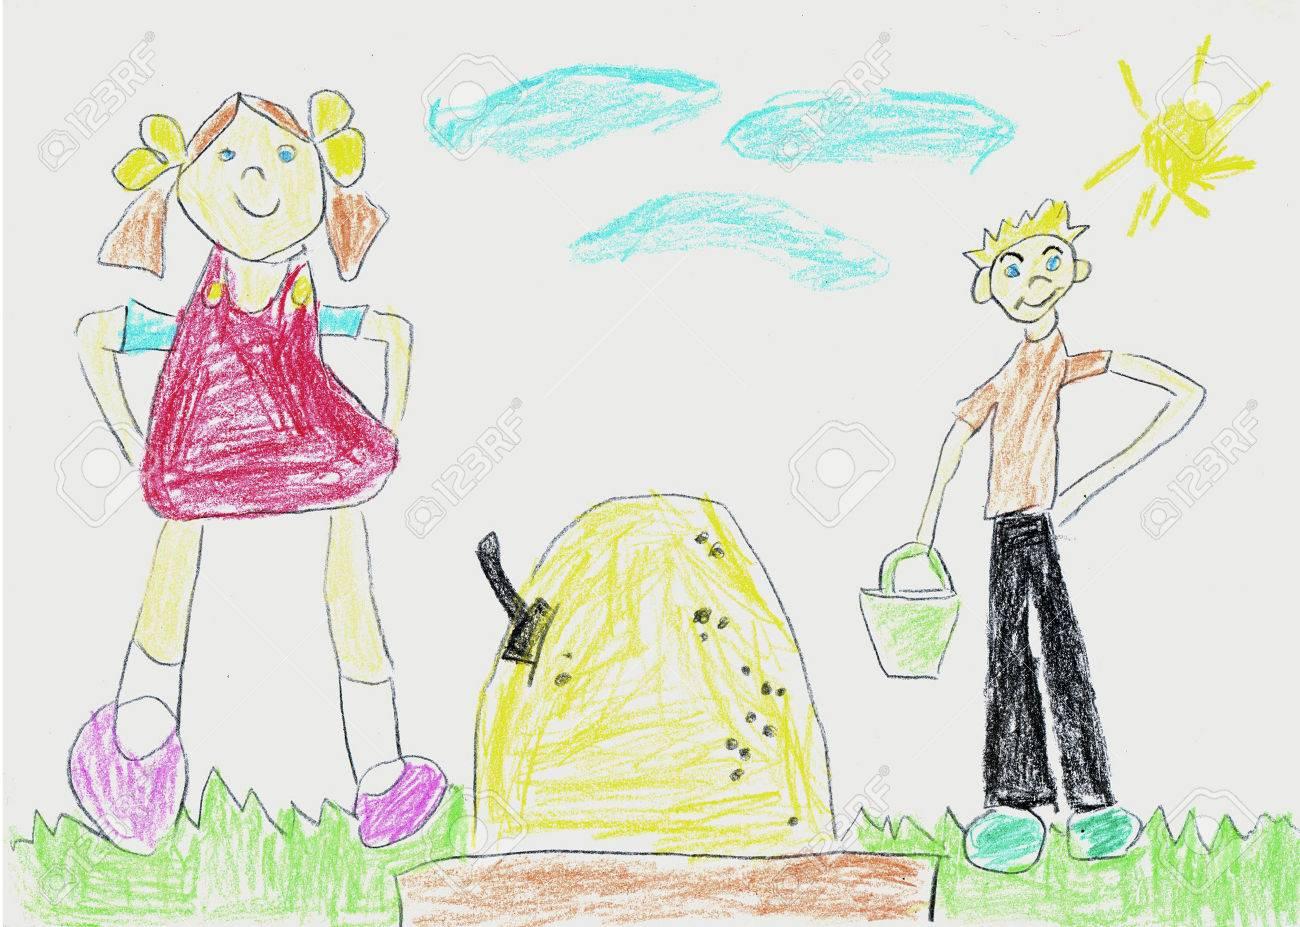 バケツとサンド ボックスで遊んで女の子と男の子のイラストです 子供色鉛筆を描画 の写真素材 画像素材 Image